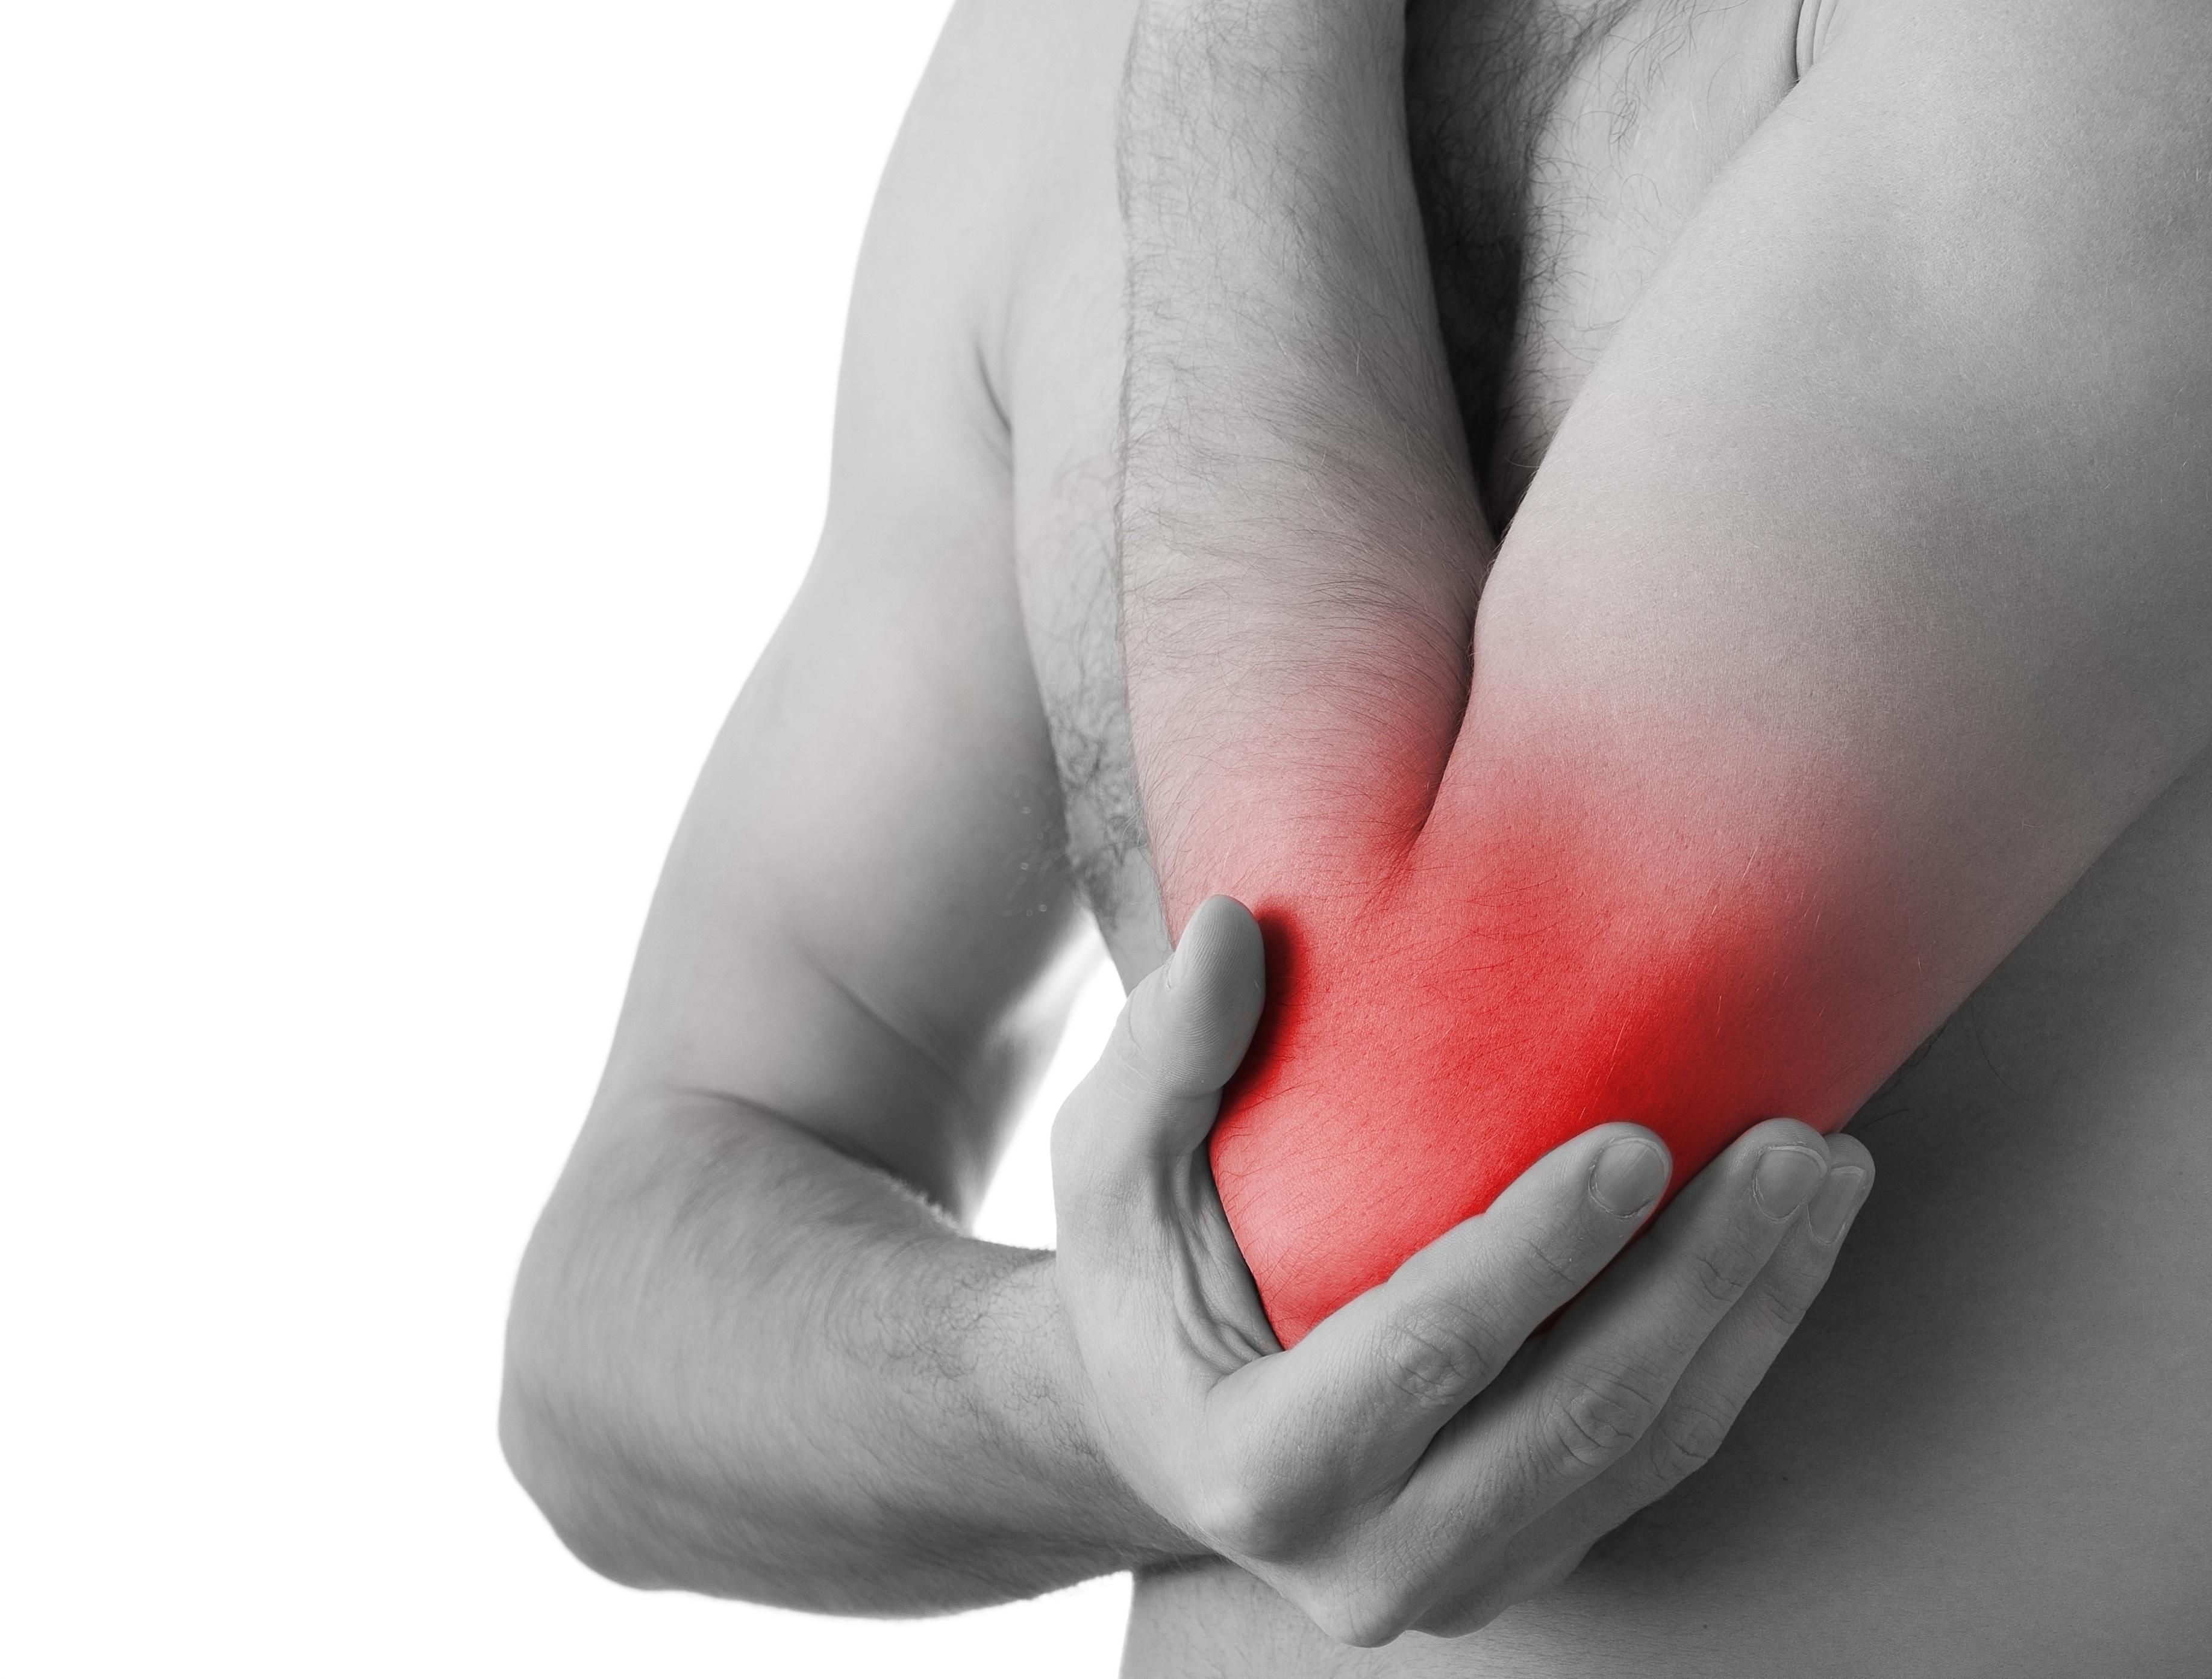 térd ízületi gyulladás tünetei és kezelése)